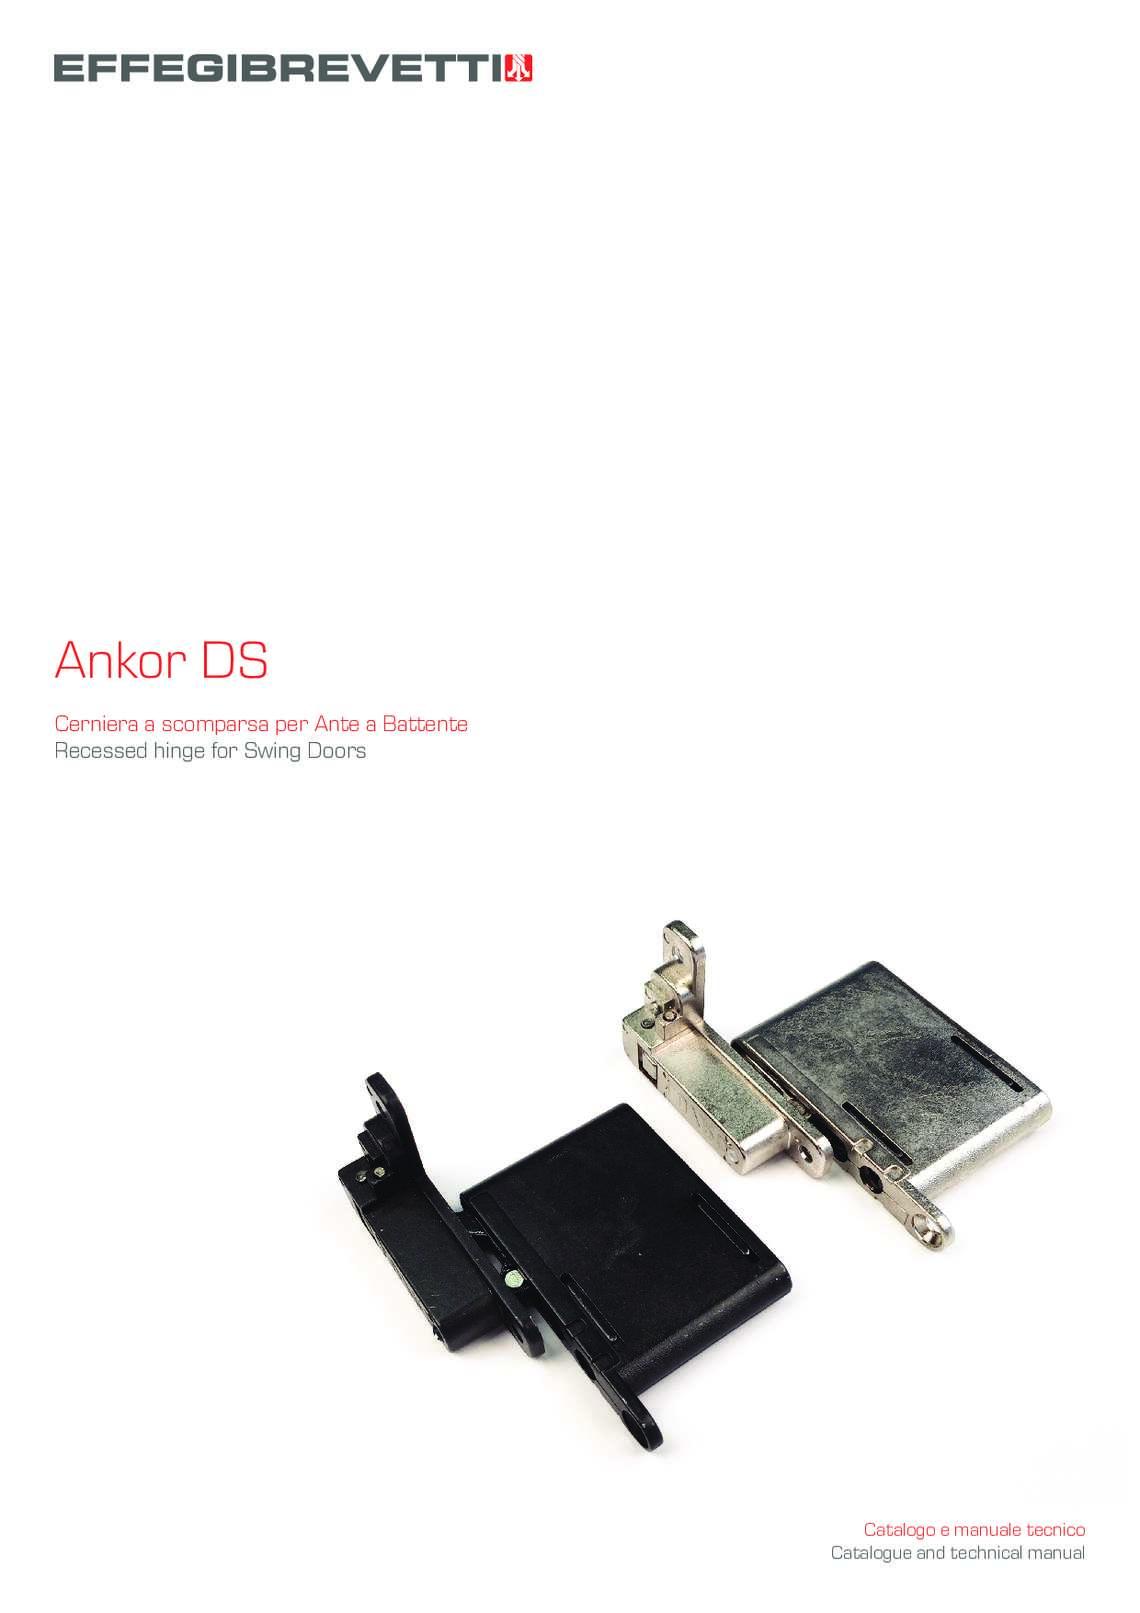 Ankor DS - Cerniera a scomparsa per Ante a Battente